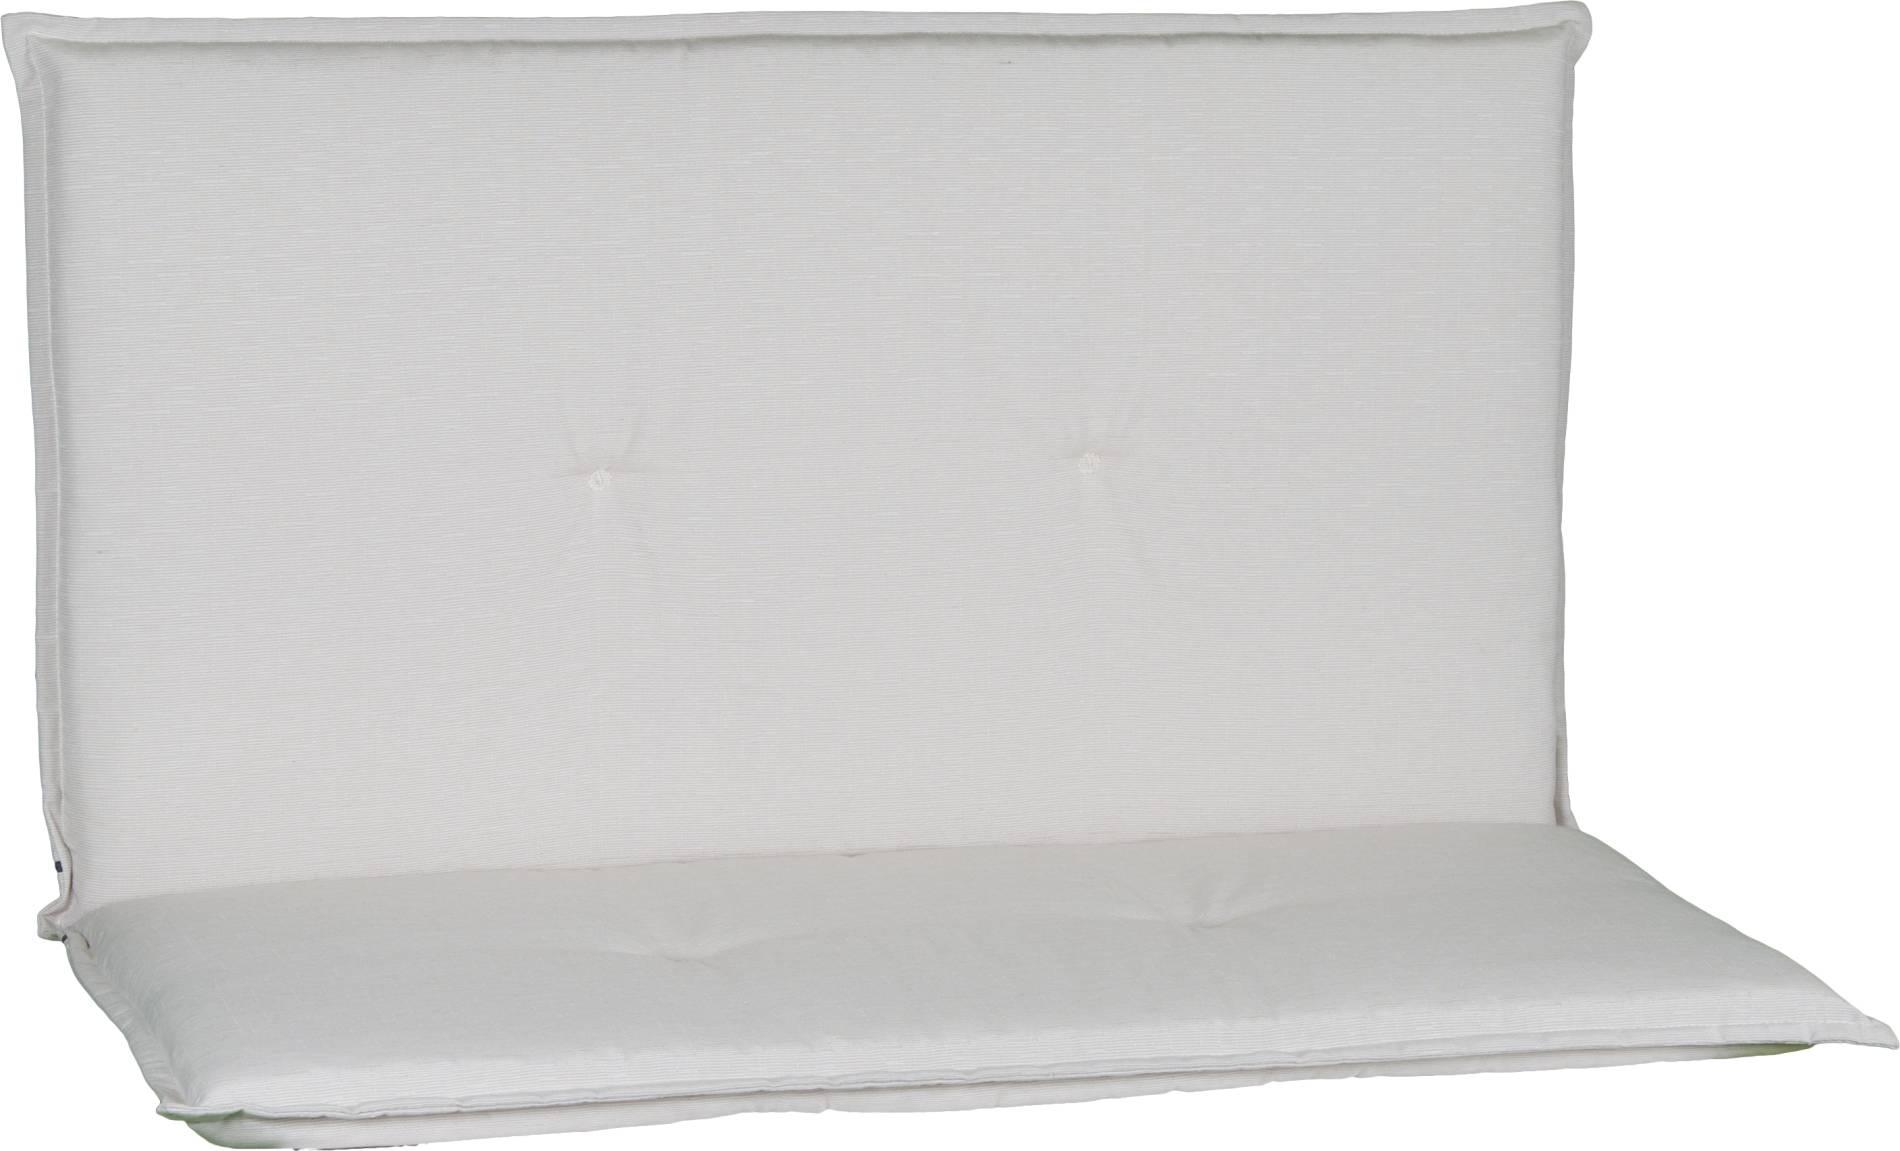 acamp 2-er Bankkissen beige Typ-O 97 x 99 x 4 cm passend für Stapelbank Stratos